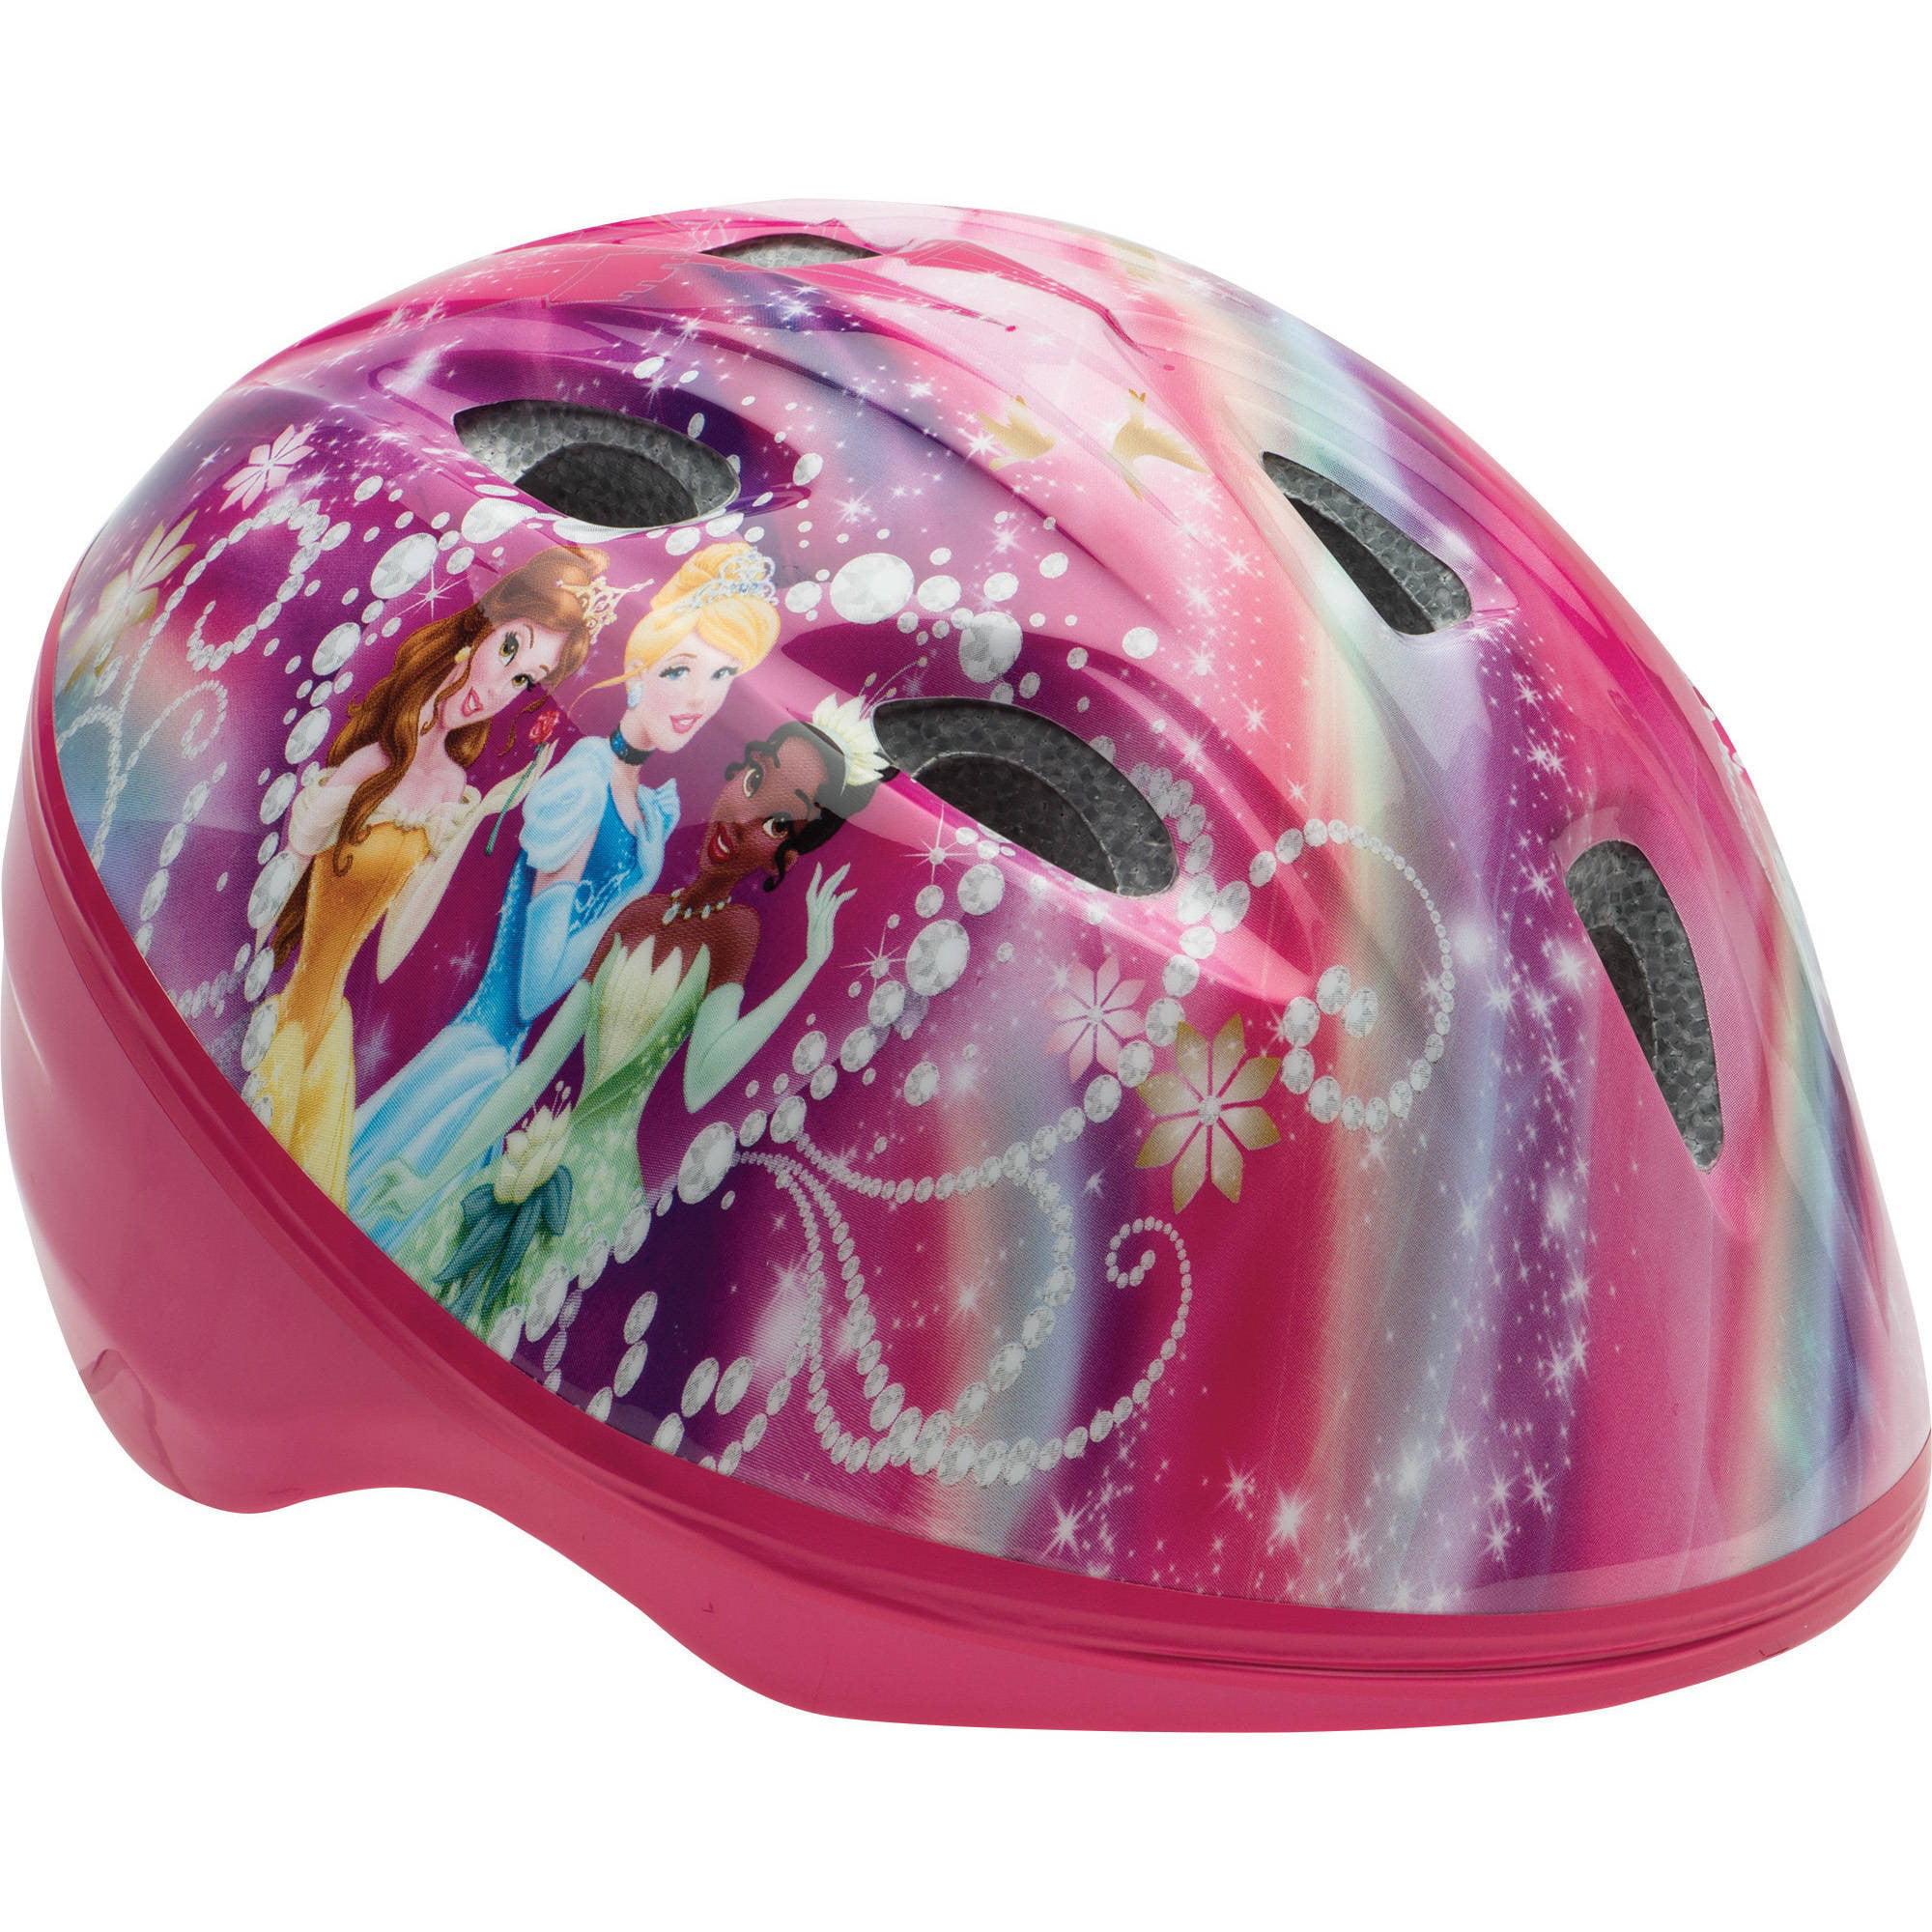 Bell Disney Princesses Rule Bike Helmet, Pink/Purple, Toddler 3+ (48-52cm)